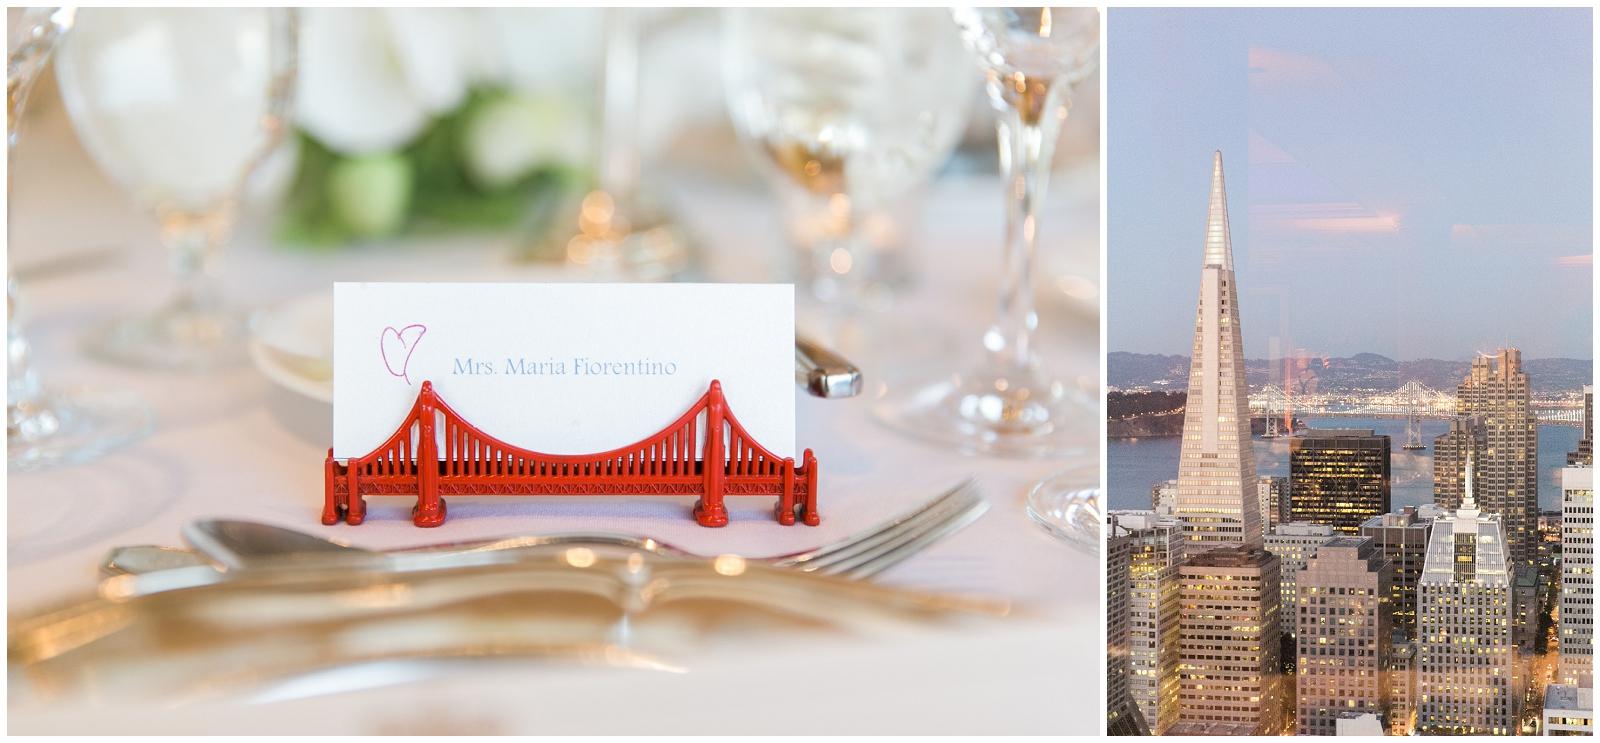 San-Francisco-Bay-Area-Wedding-Photography-Fairmont-14.jpg